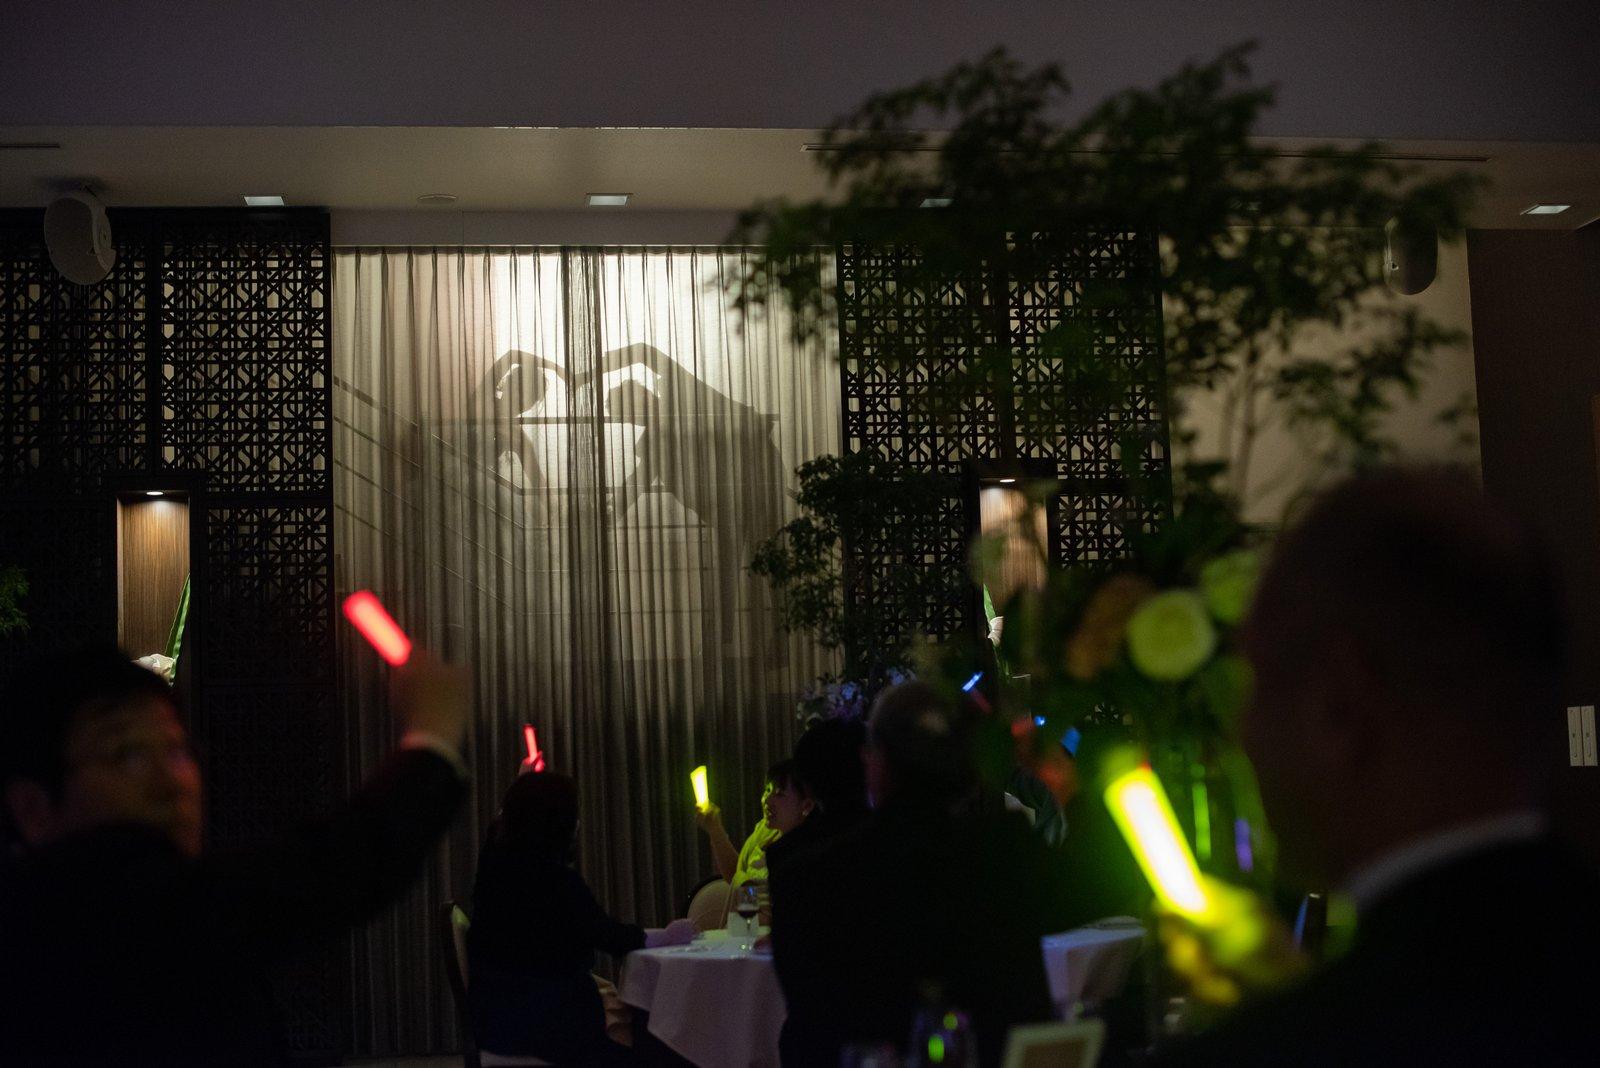 徳島県の結婚式場ブランアンジュの披露宴会場オリエラスイートでシルエット入場をする新郎新婦